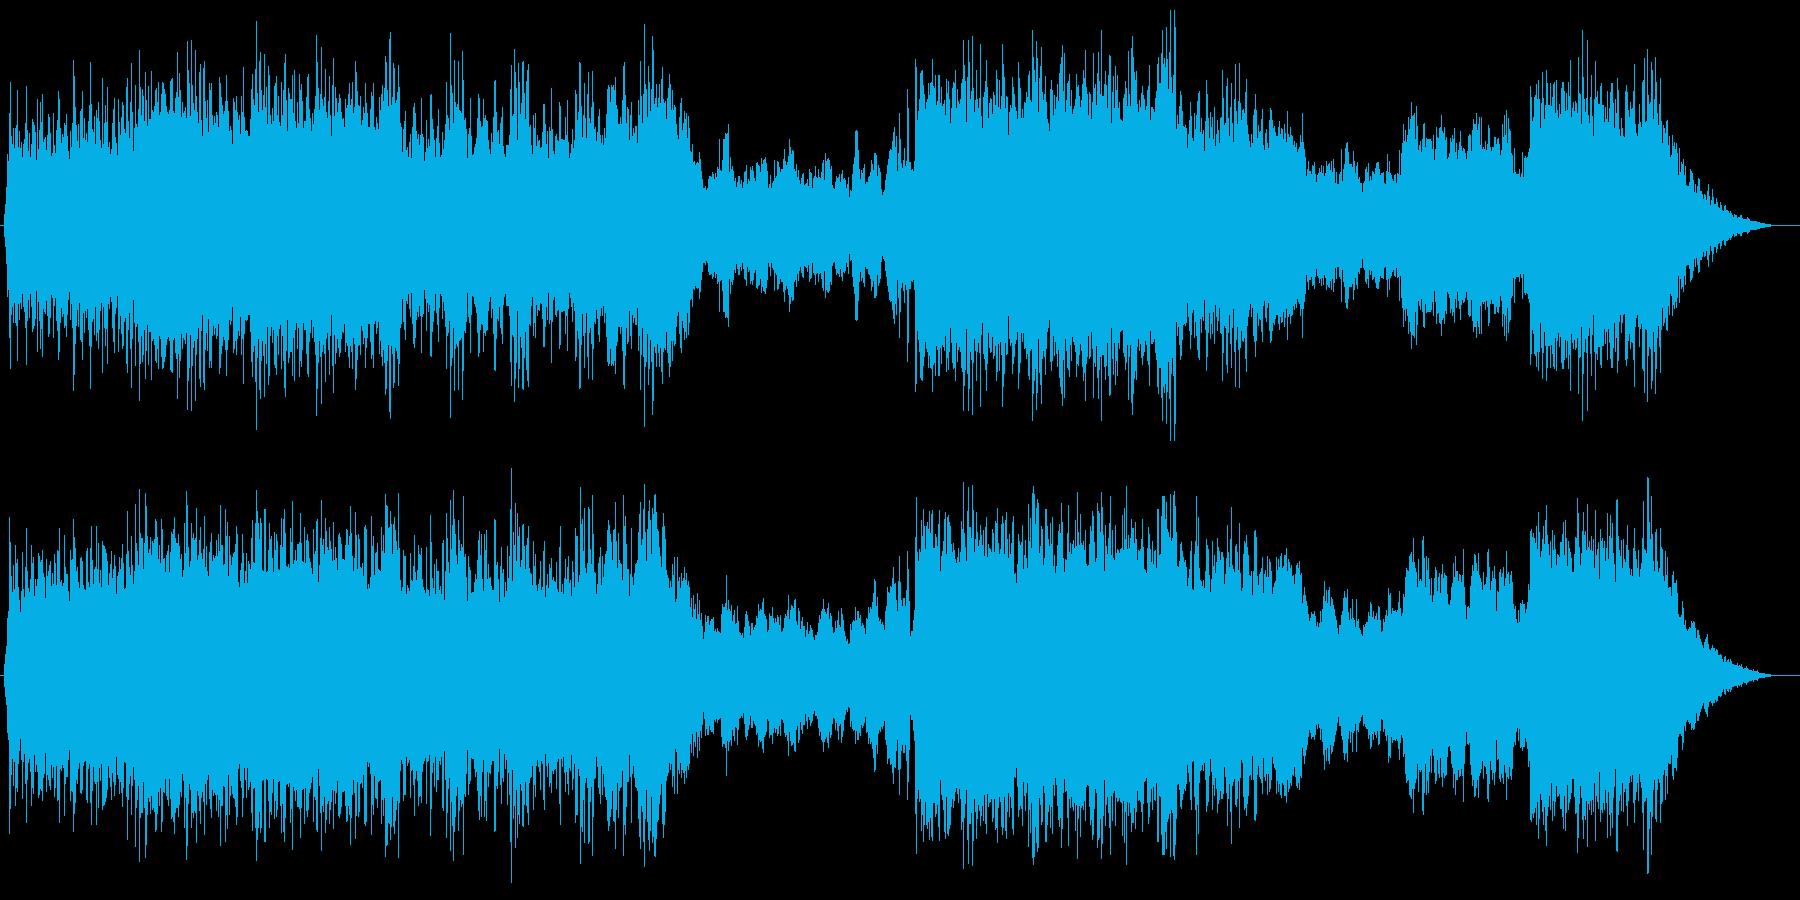 重く激しめなボス系オーケストラの再生済みの波形